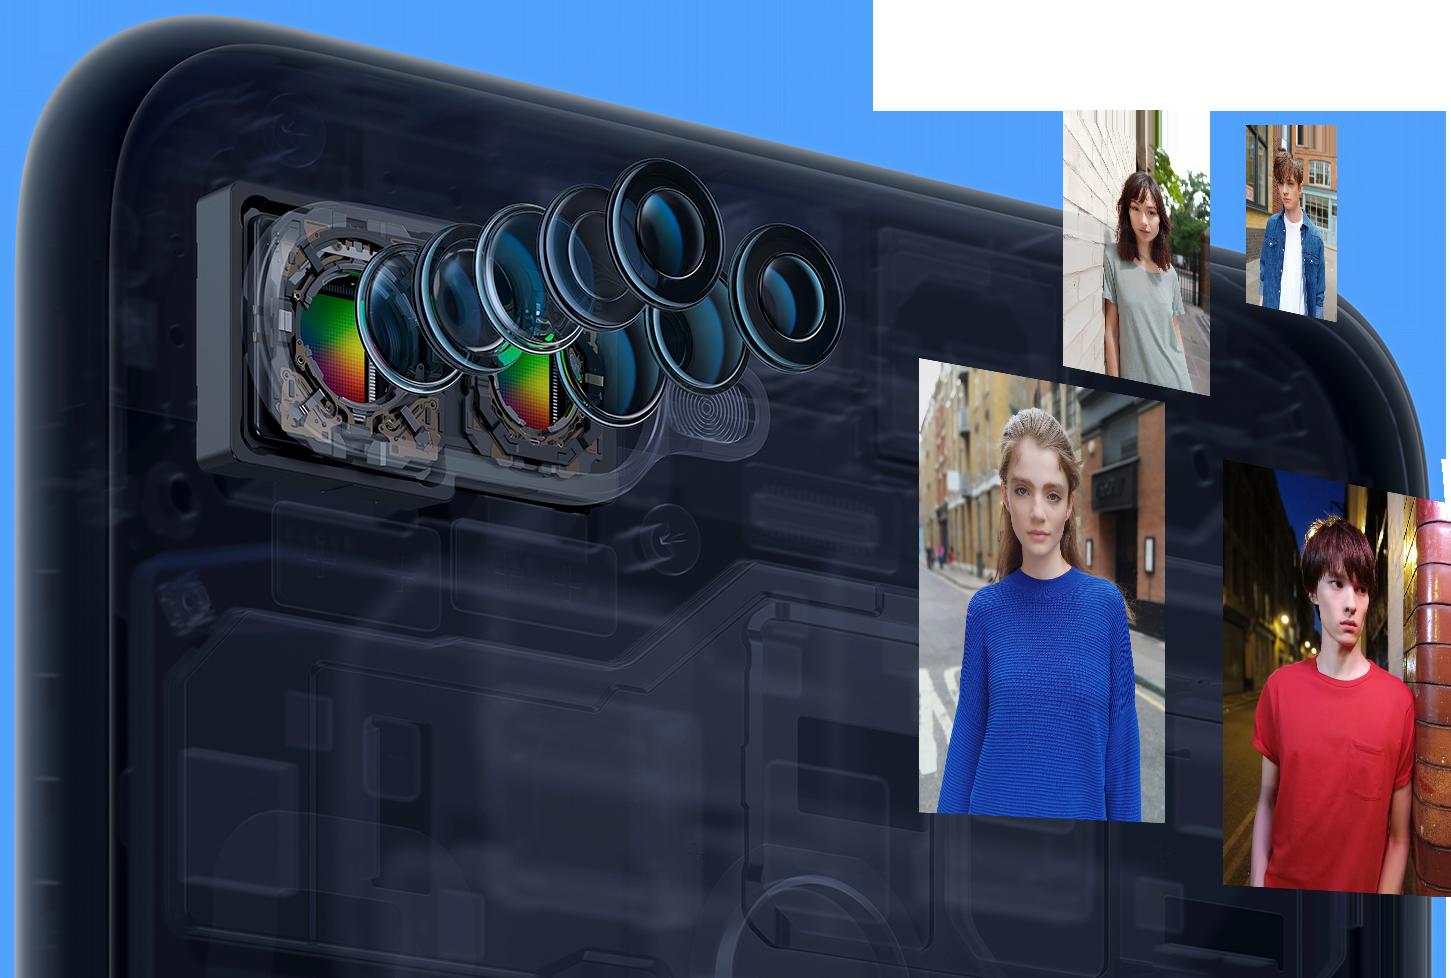 """Sforum - Trang thông tin công nghệ mới nhất rear-cam OPPO F9 ra mắt: Màn hình """"giọt nước"""", camera kép, sạc nhanh VOOC siêu tốc, giá 7.69 triệu"""